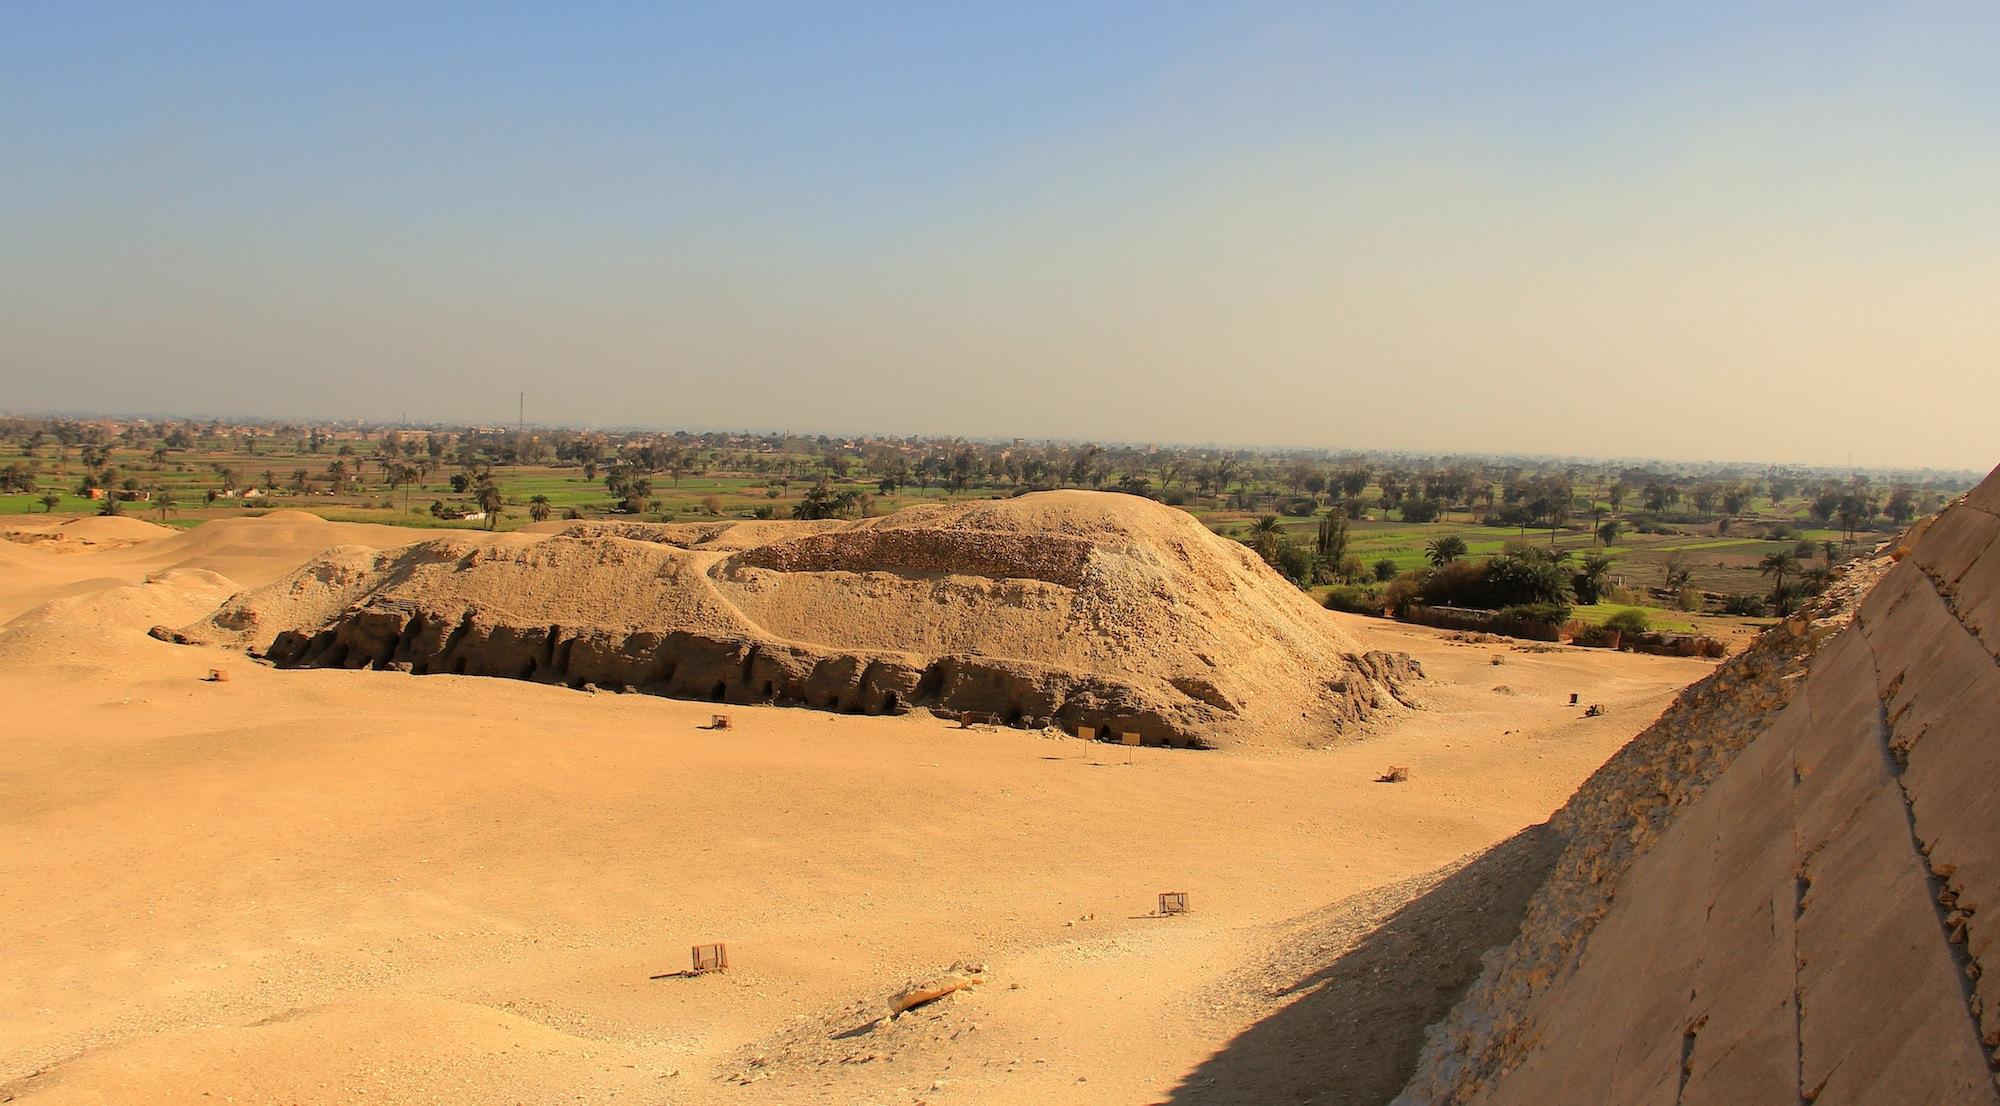 Extra...Extraaa...Acaba de salir Nuevo Video de Alfaro. - Página 5 The-mastaba-of-the-unknown-prince-from-the-pyramid-entrance-meidum